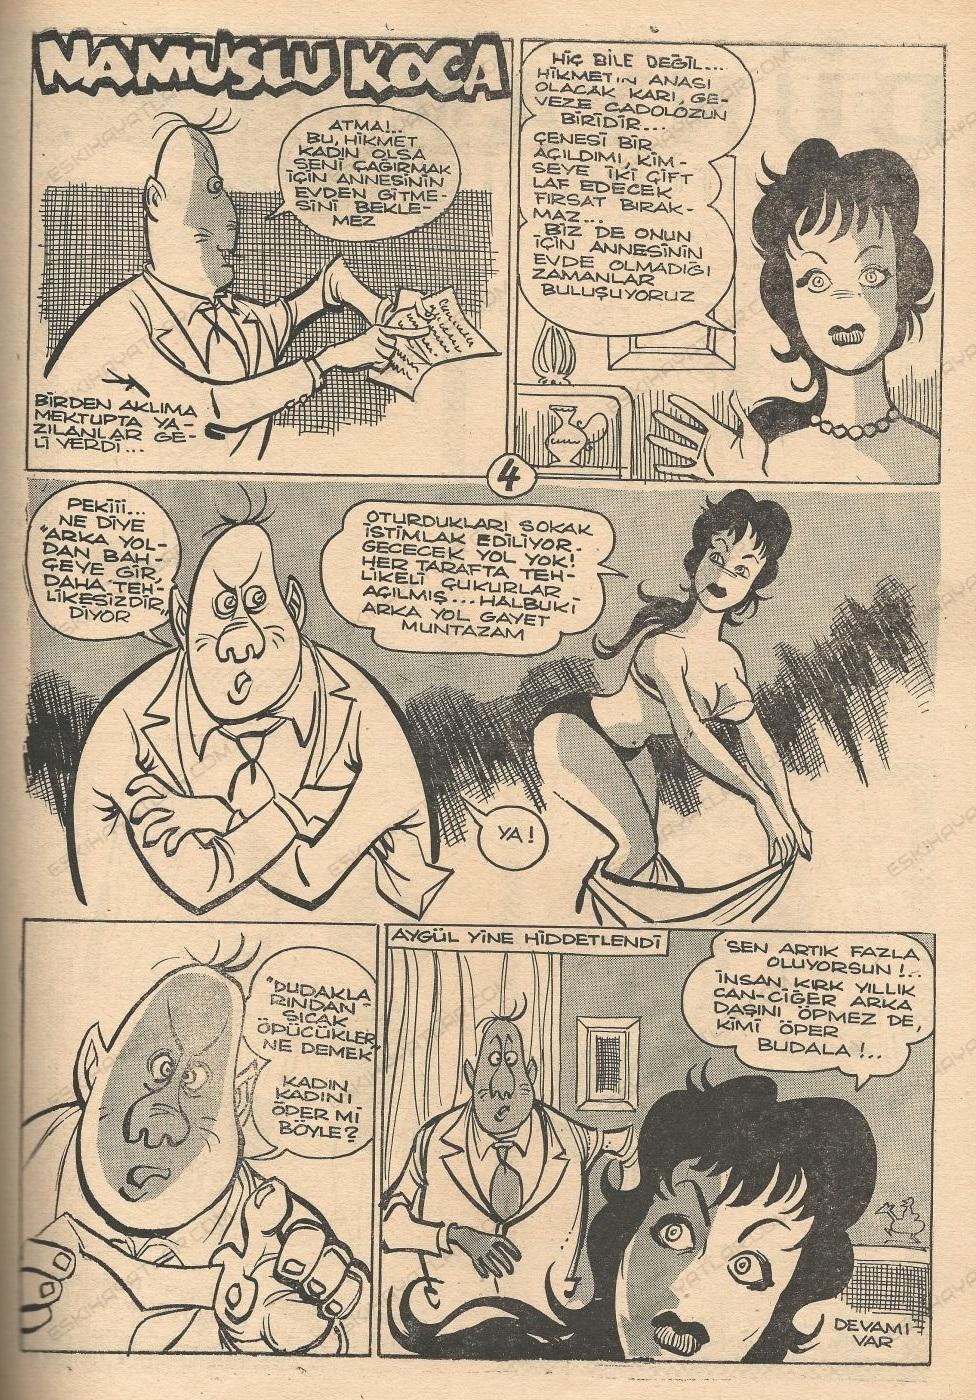 0363-akbaba-dergisi-18-haziran-1959 (17)